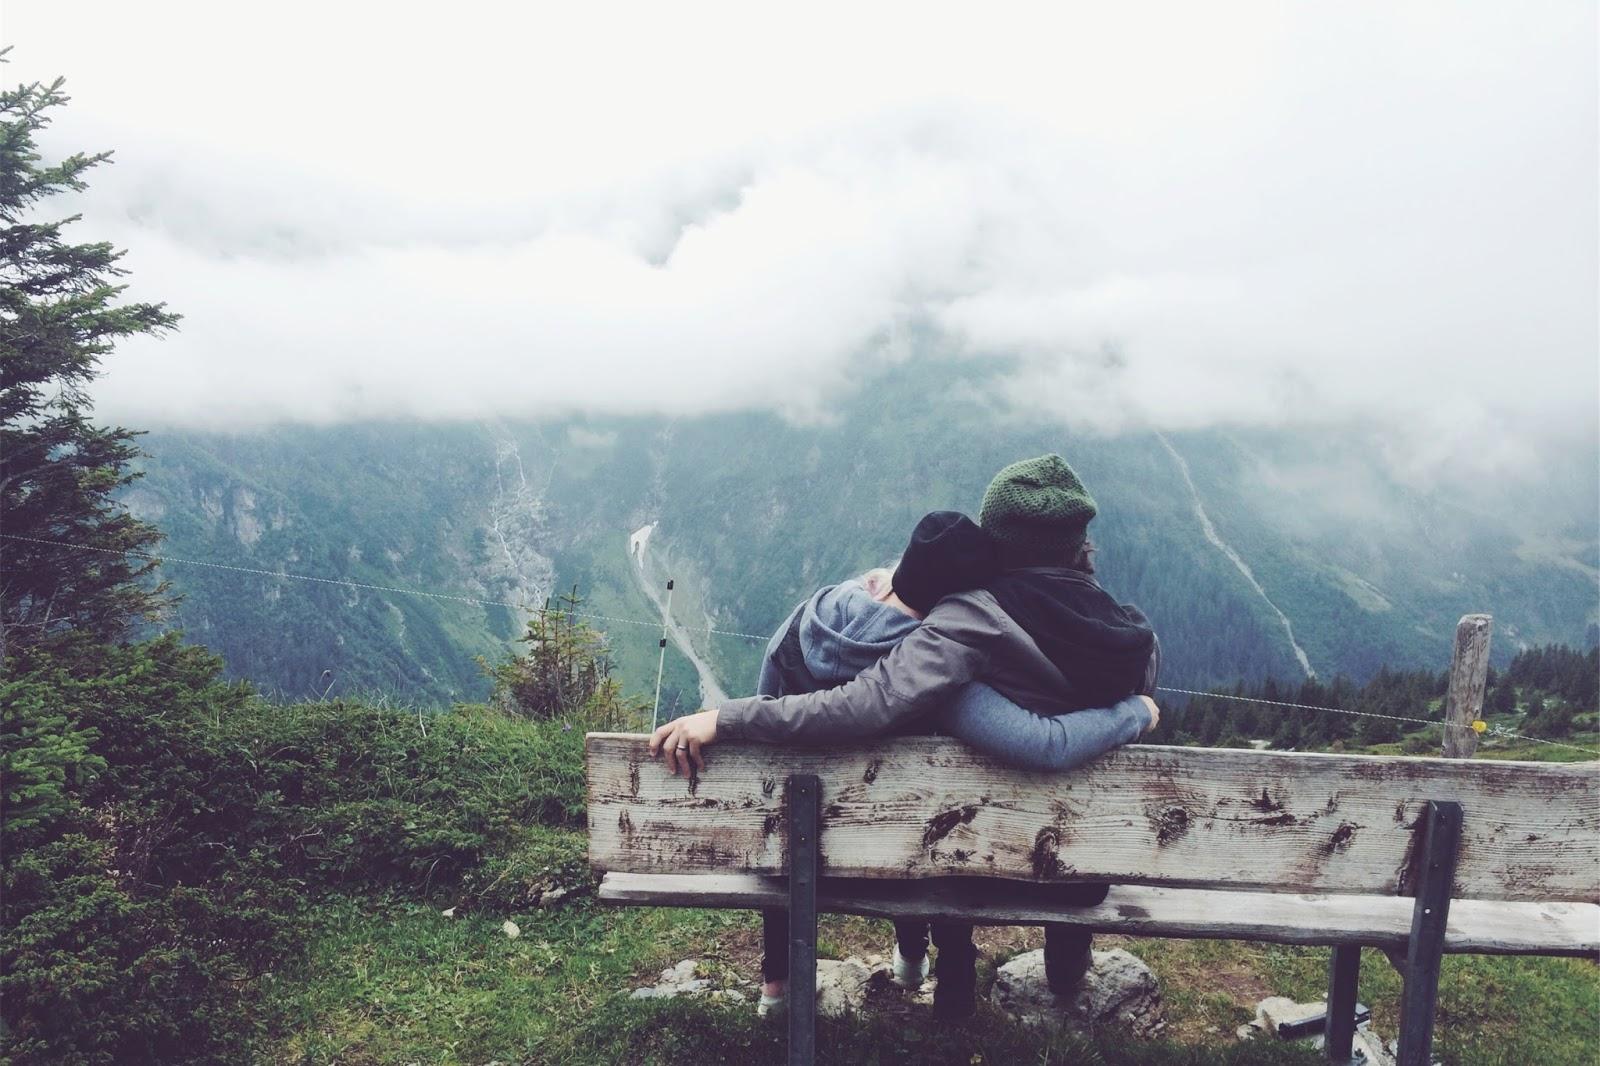 casal sentado costas frio olhando paisagem